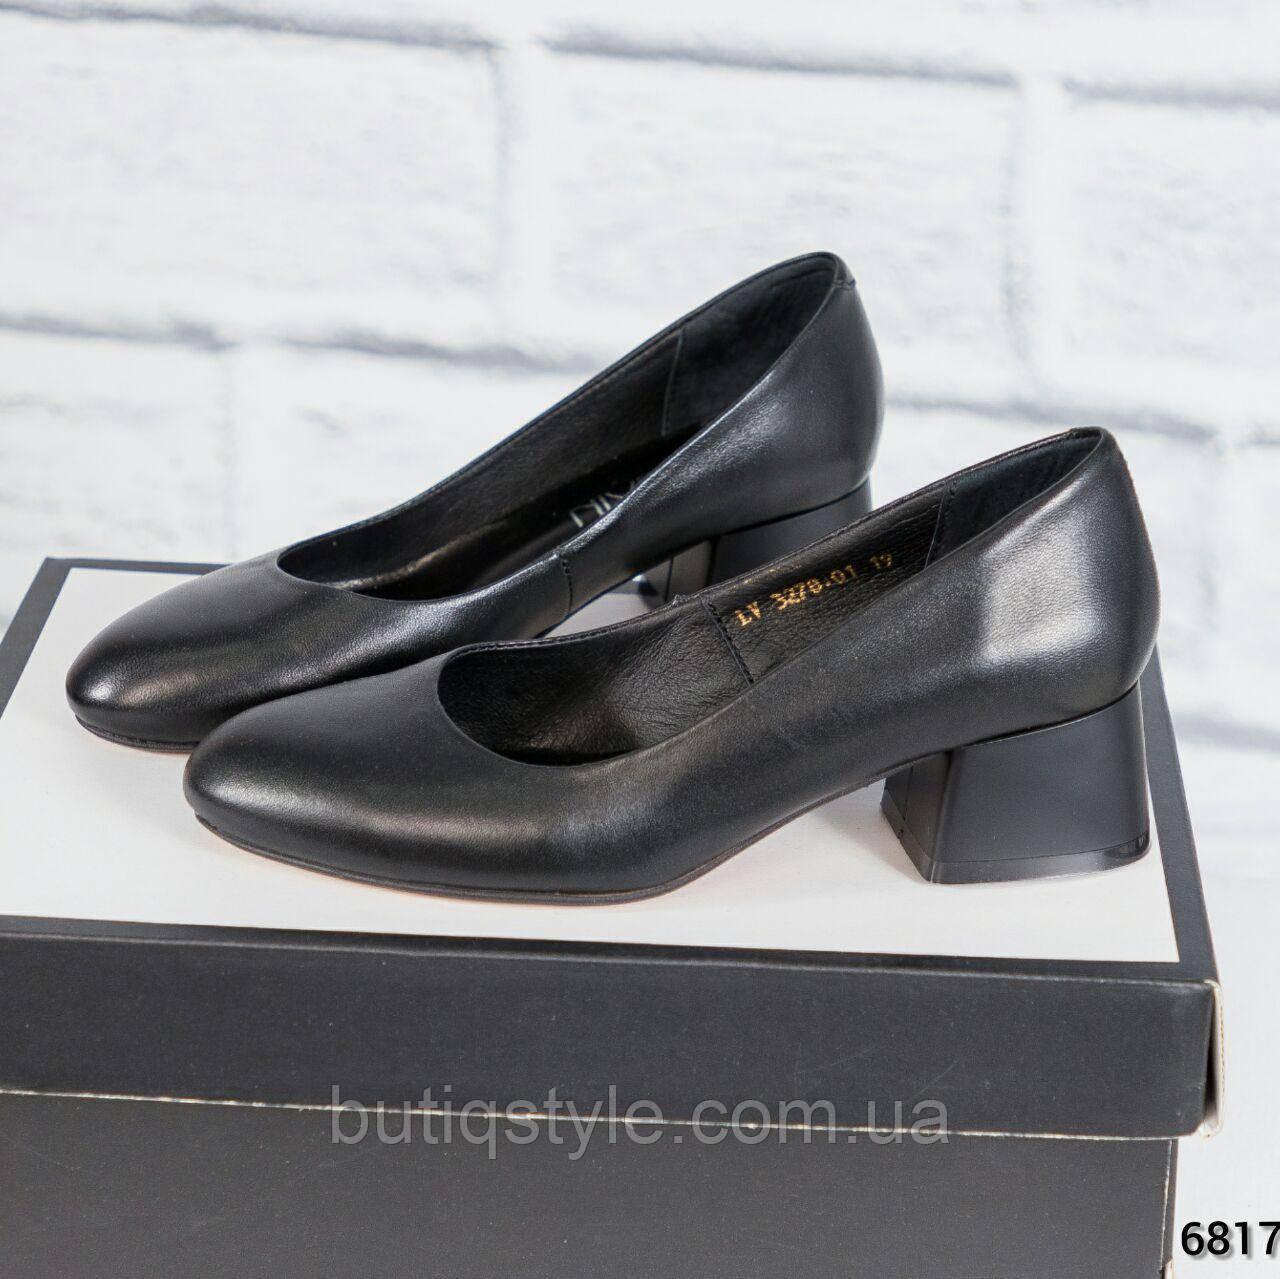 Женские туфли  на каблуке натуральная кожа